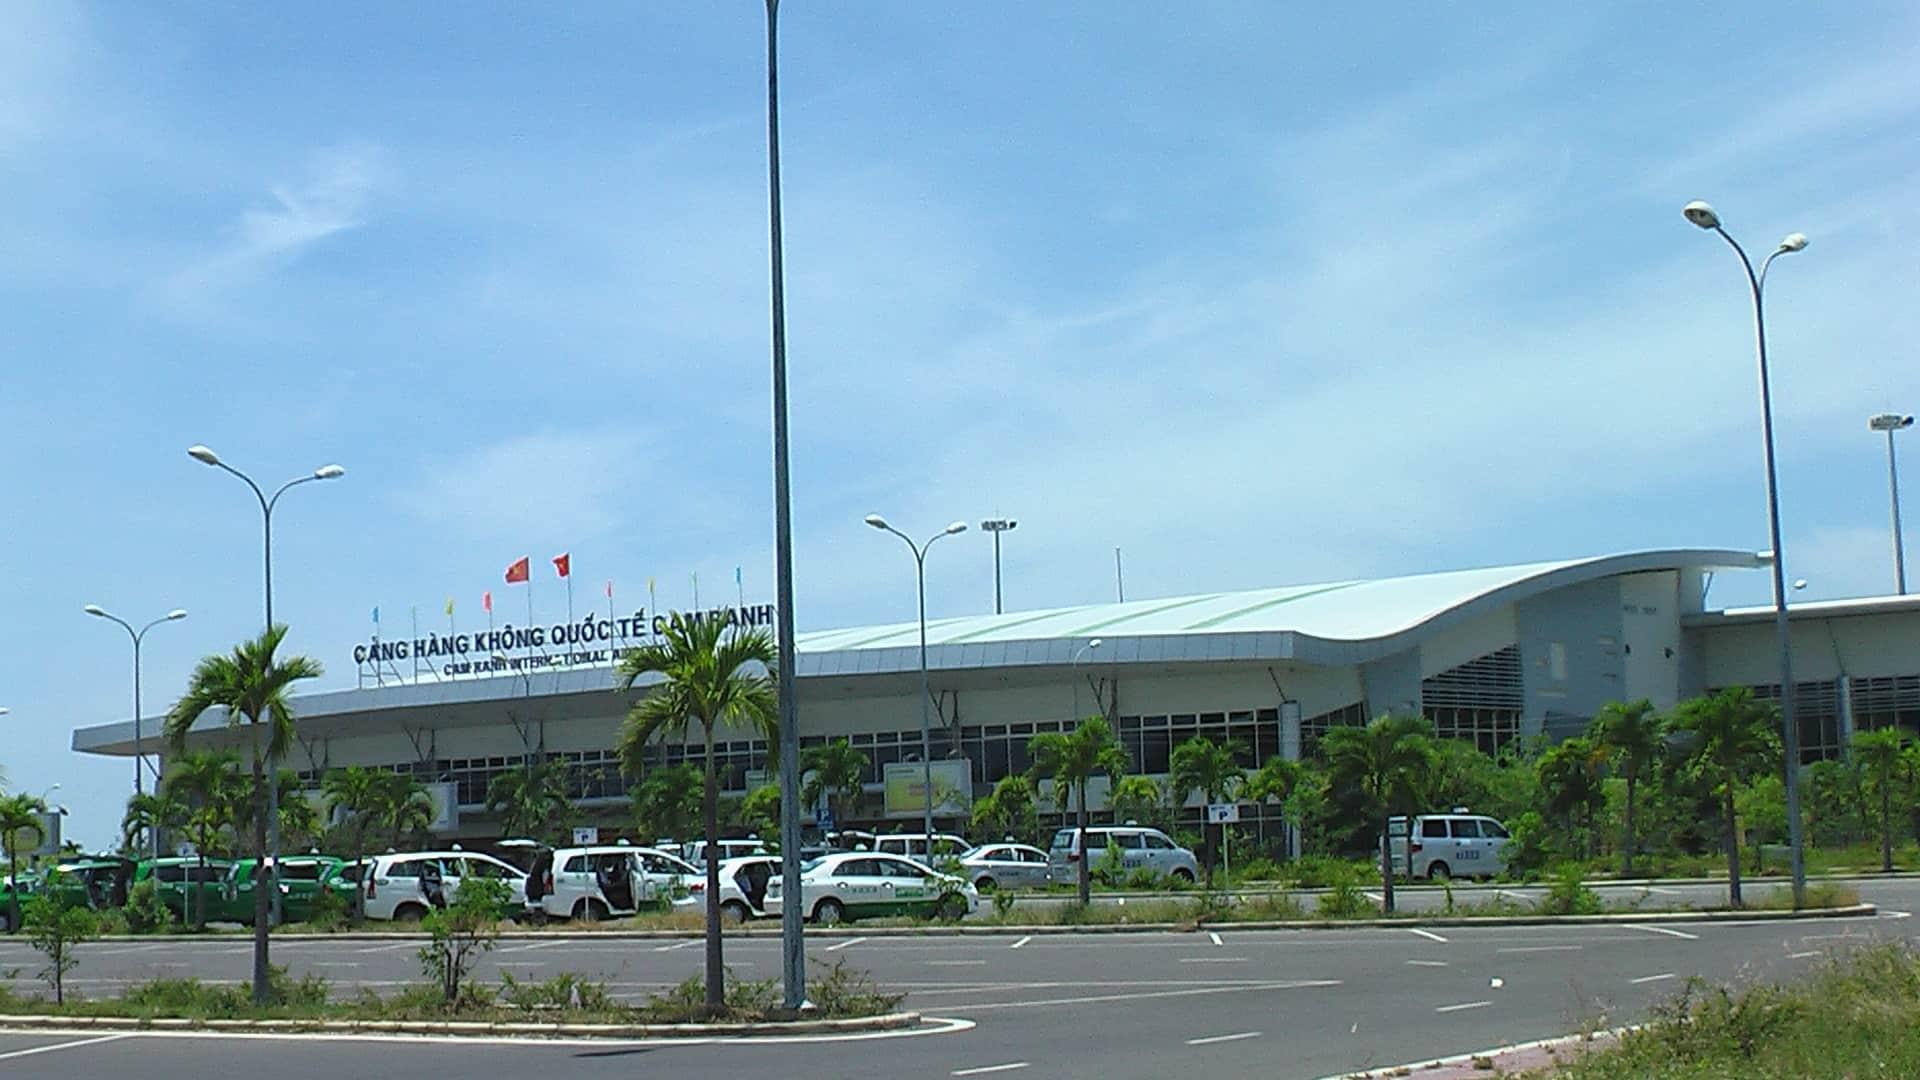 Sân bay Cam Ranh cảng hàng không quốc tế ở Nha Trang - Vntrip.vn